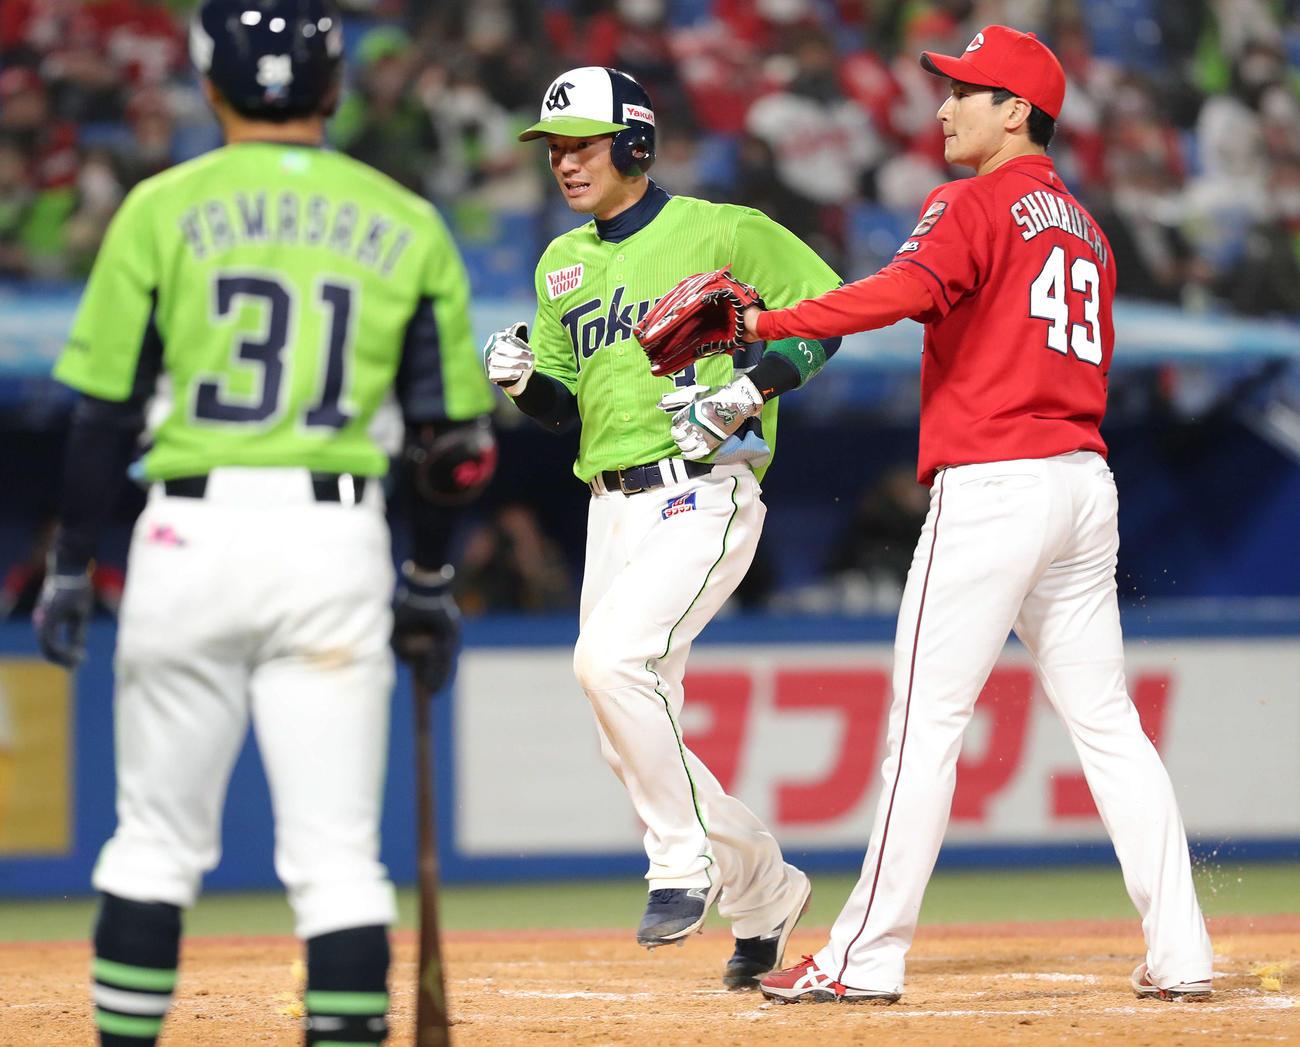 ヤクルト対広島 5回裏ヤクルト1死一、二塁、会沢のパスボールで三塁を回り生還する西浦(中央)。打者山崎、投手島内(撮影・河田真司)